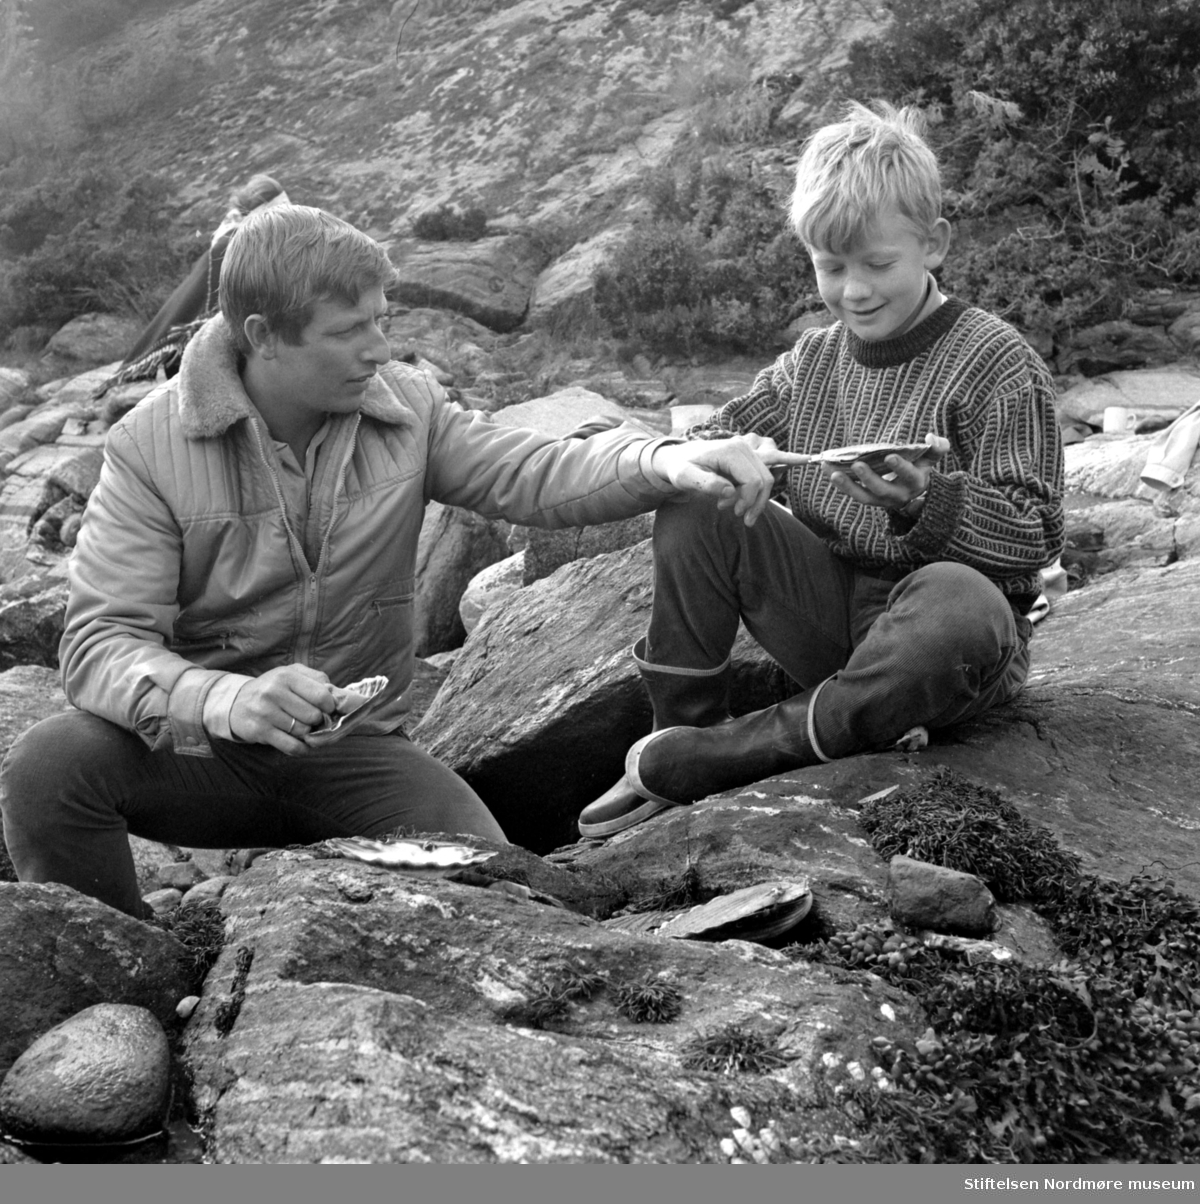 Fra en reportasje i Aftenposten om fiske mm. fra Vågen. Se brev 261/84, Arkiv nr. 44. Her ser vi fra tilberedingen av skjellene. Bildet er i serie med 1984/31:1 (KMb-1984-031.0001.jpg), og som er datert juni 1971. Nordmøre Museum